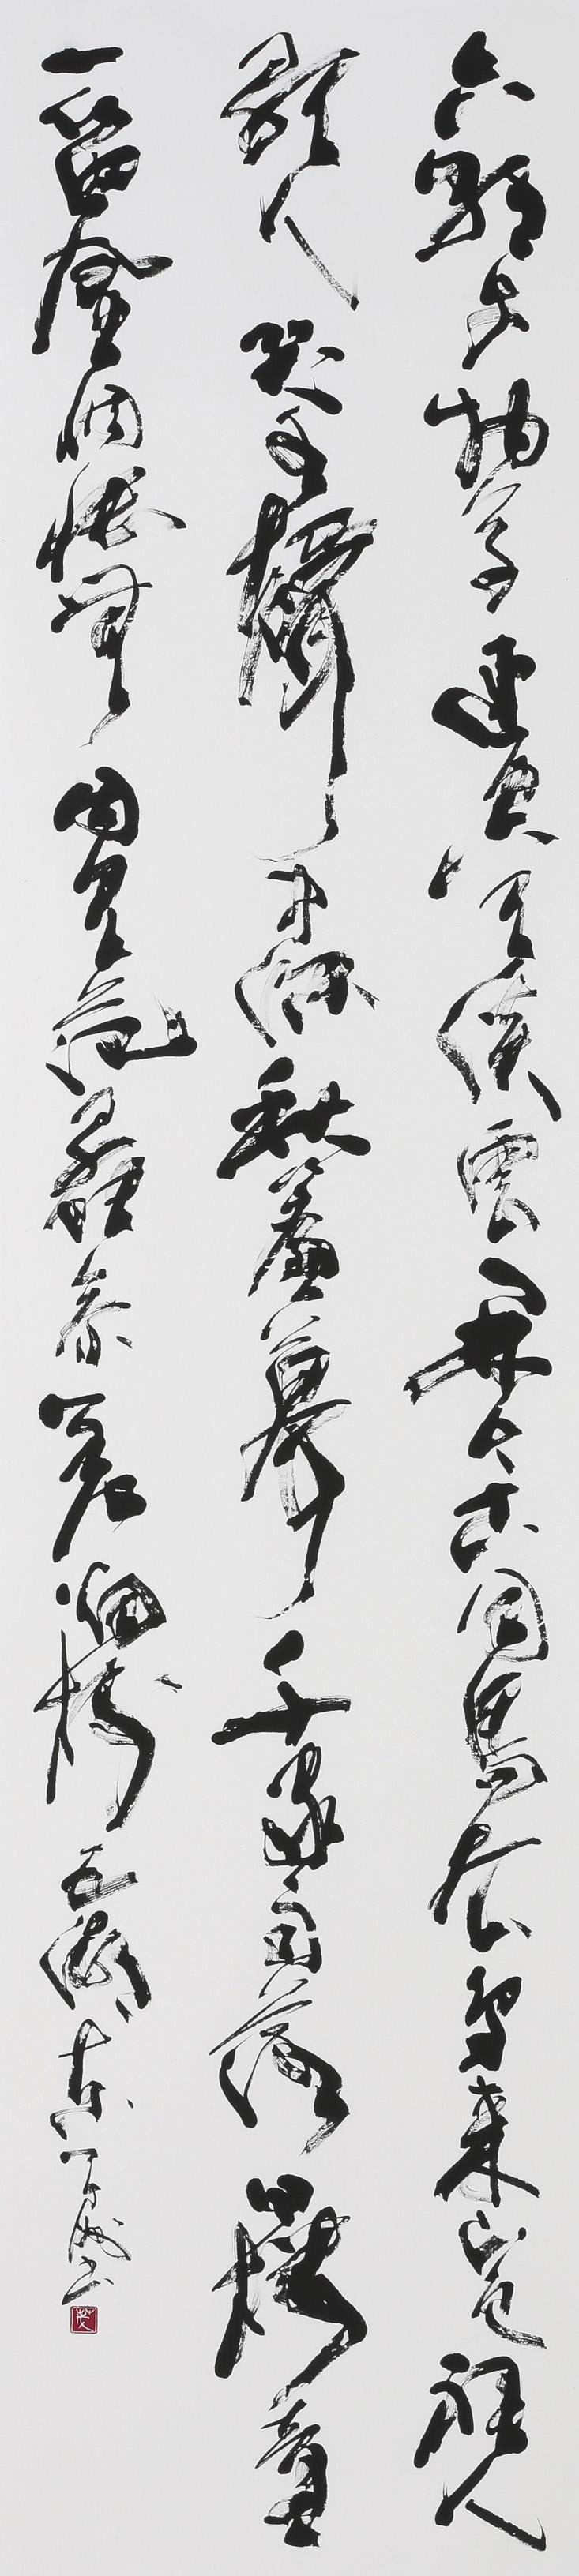 20200515_3_sumifude_01.jpg